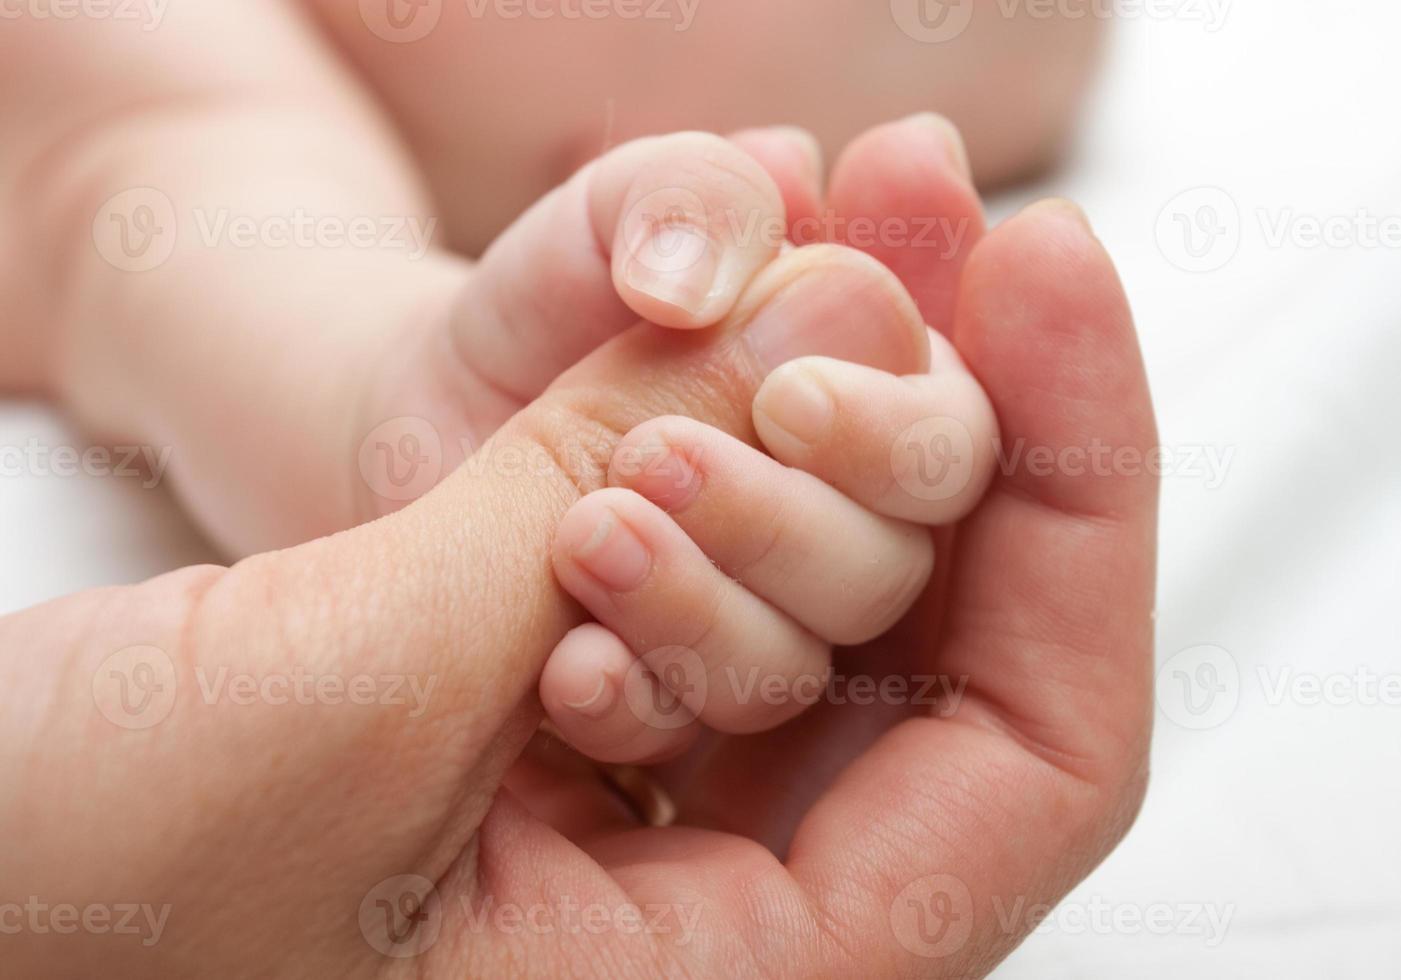 närbild av en baby som håller tummen på en vuxen foto